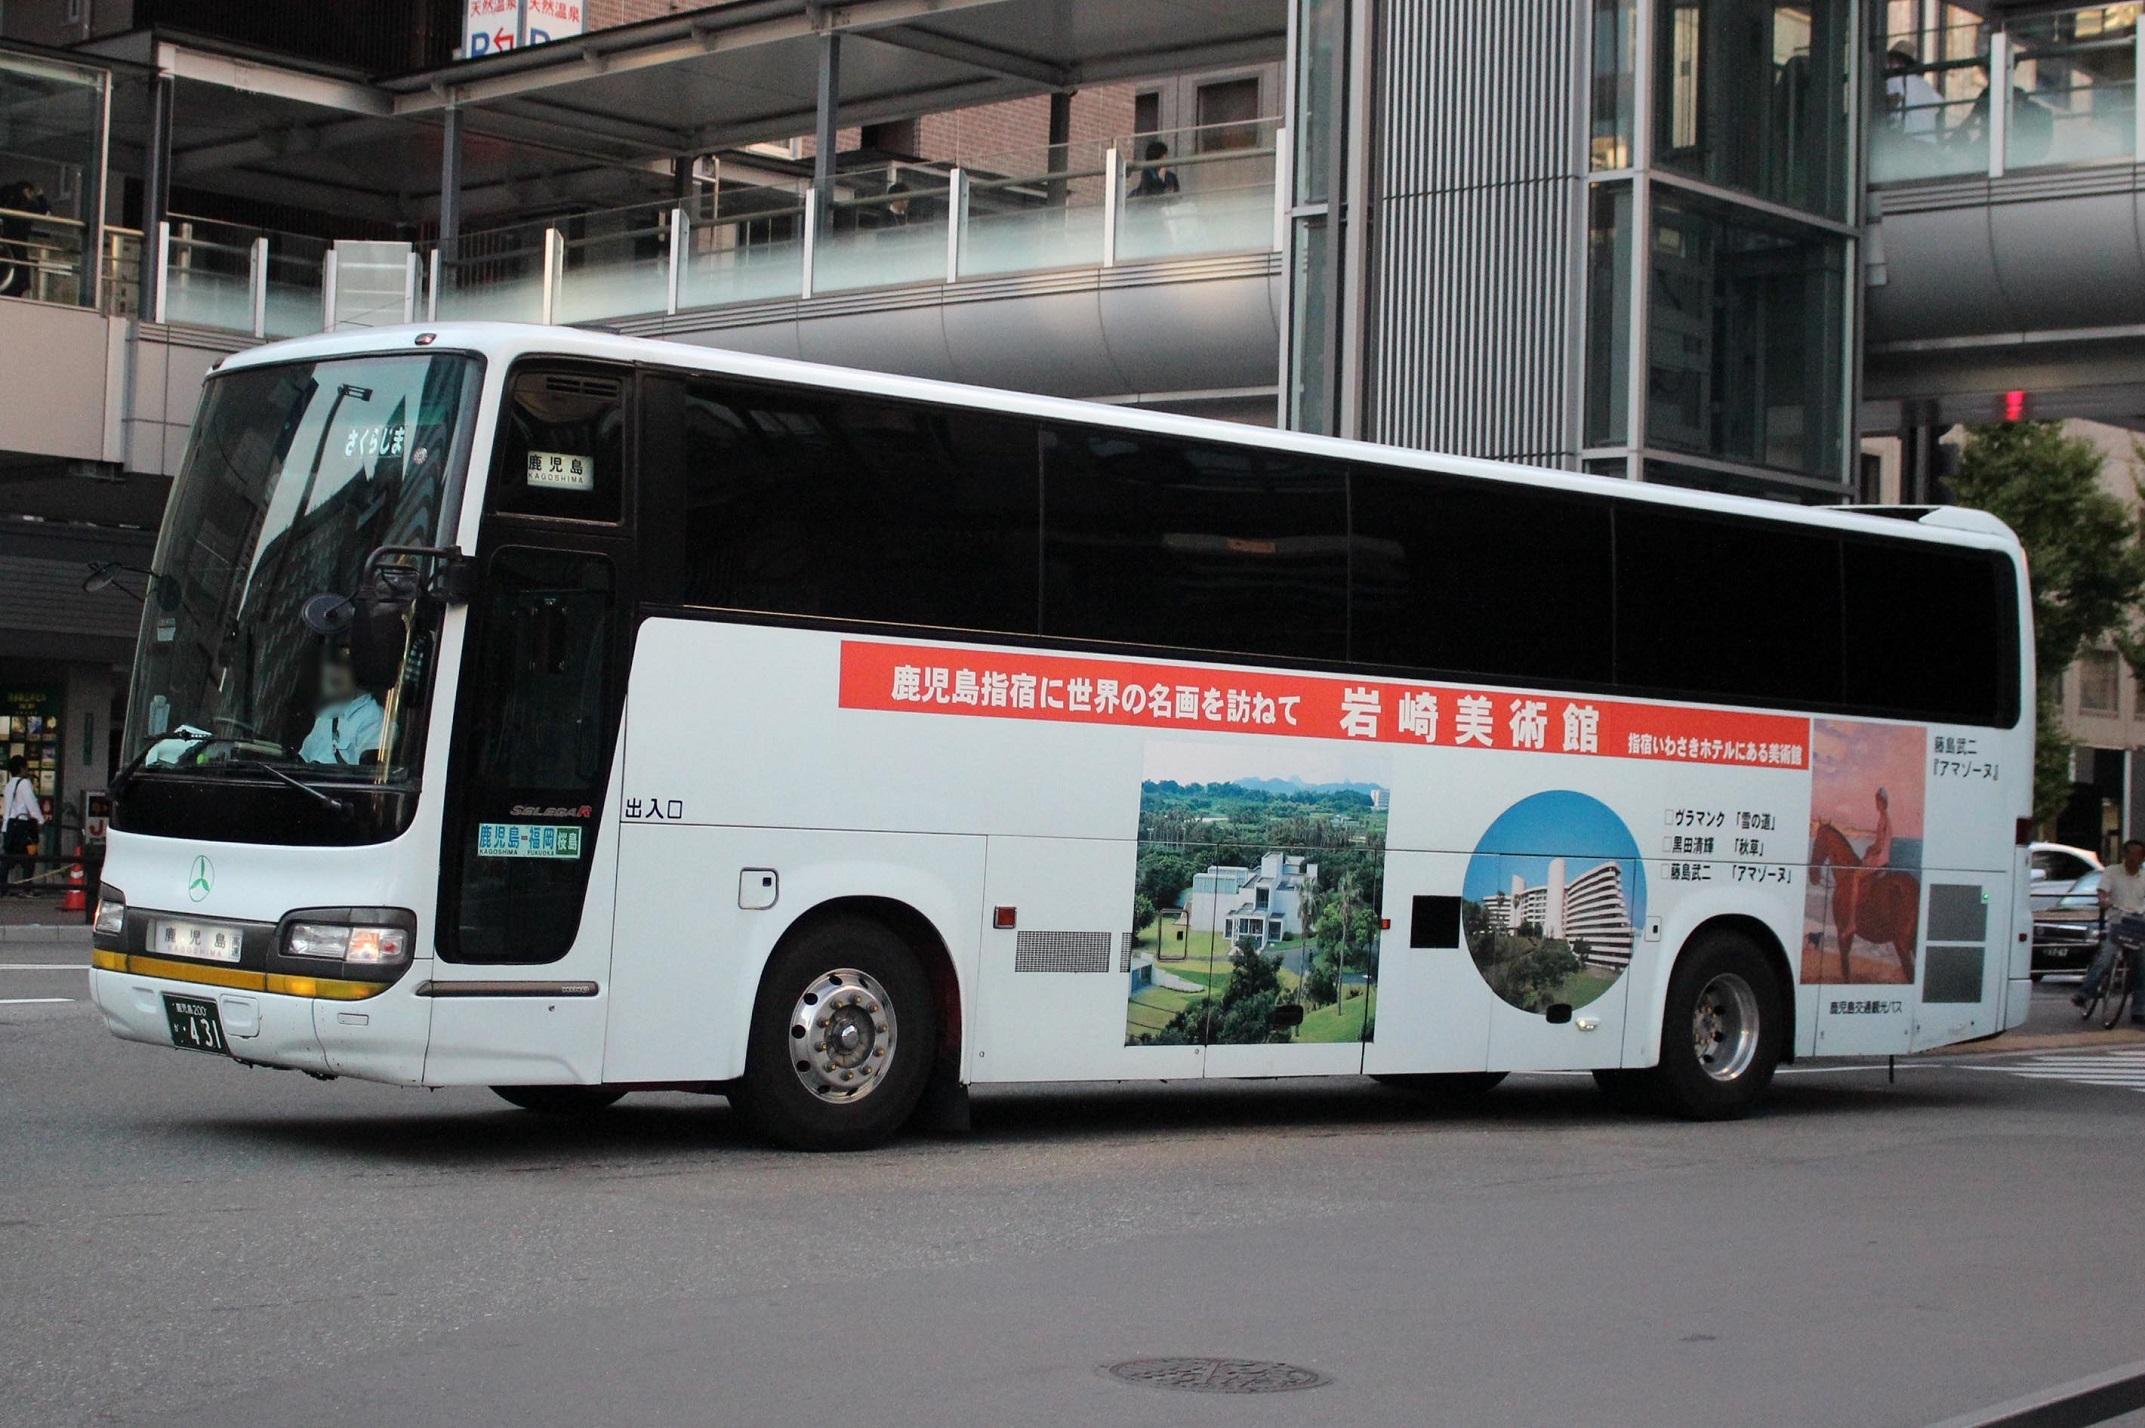 鹿児島交通観光バス か431